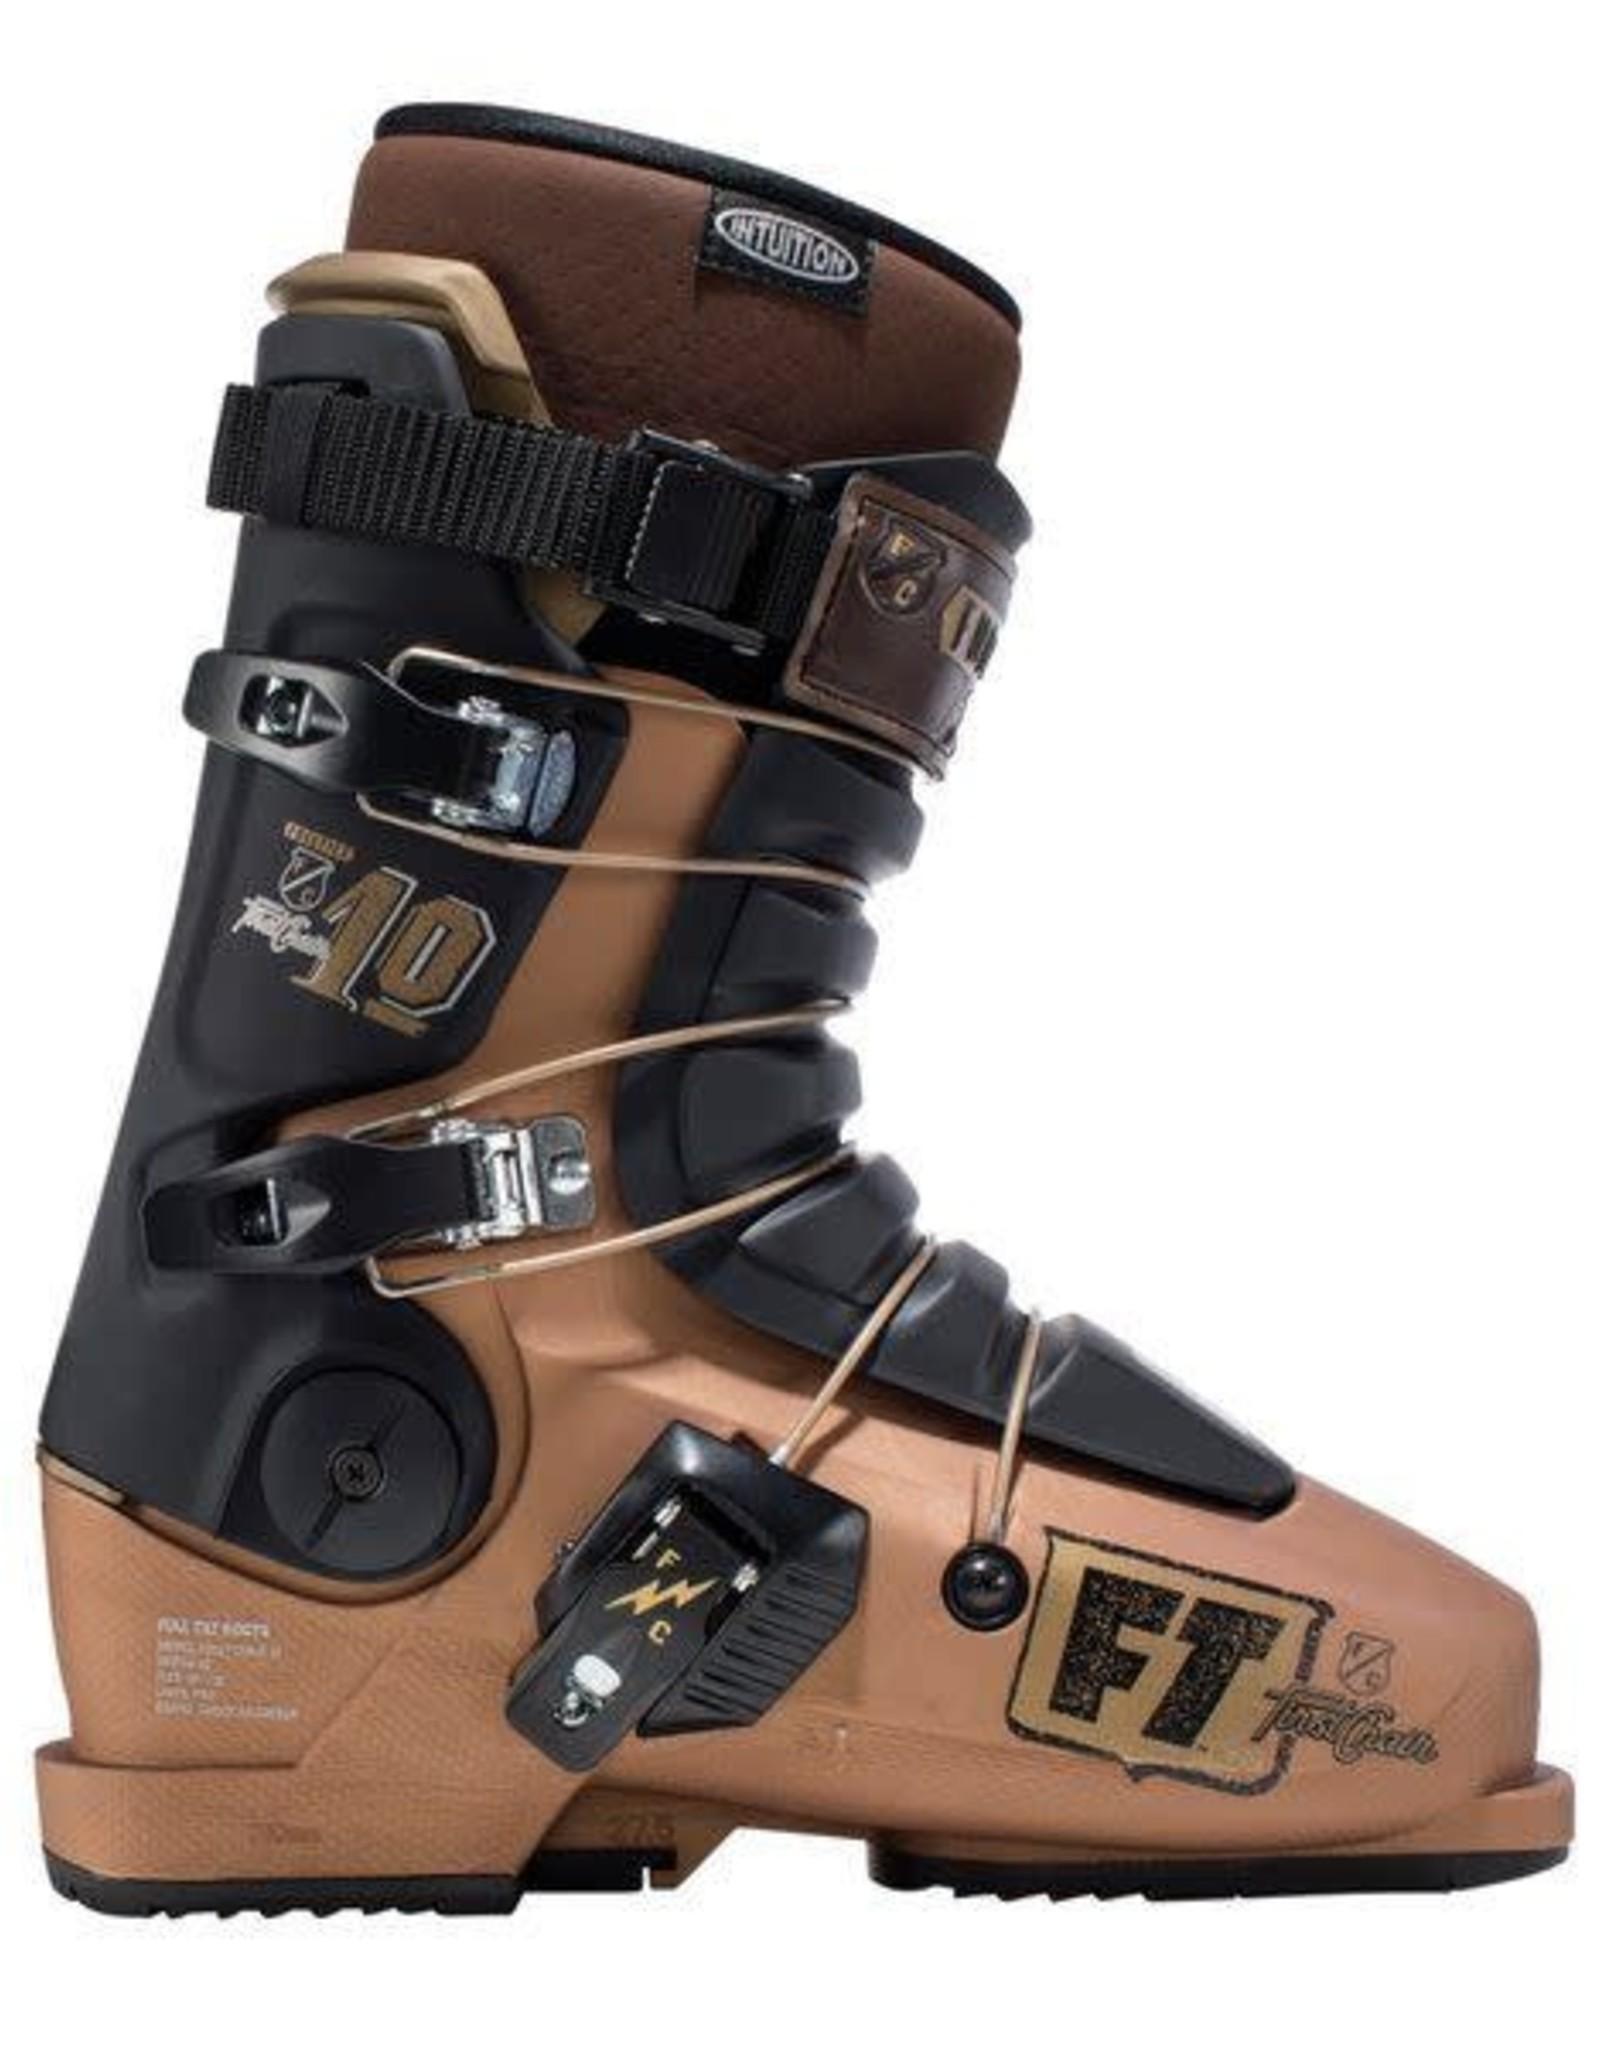 Full Tilt FULL TILT Ski Boots FIRST CHAIR 10 (18/19)